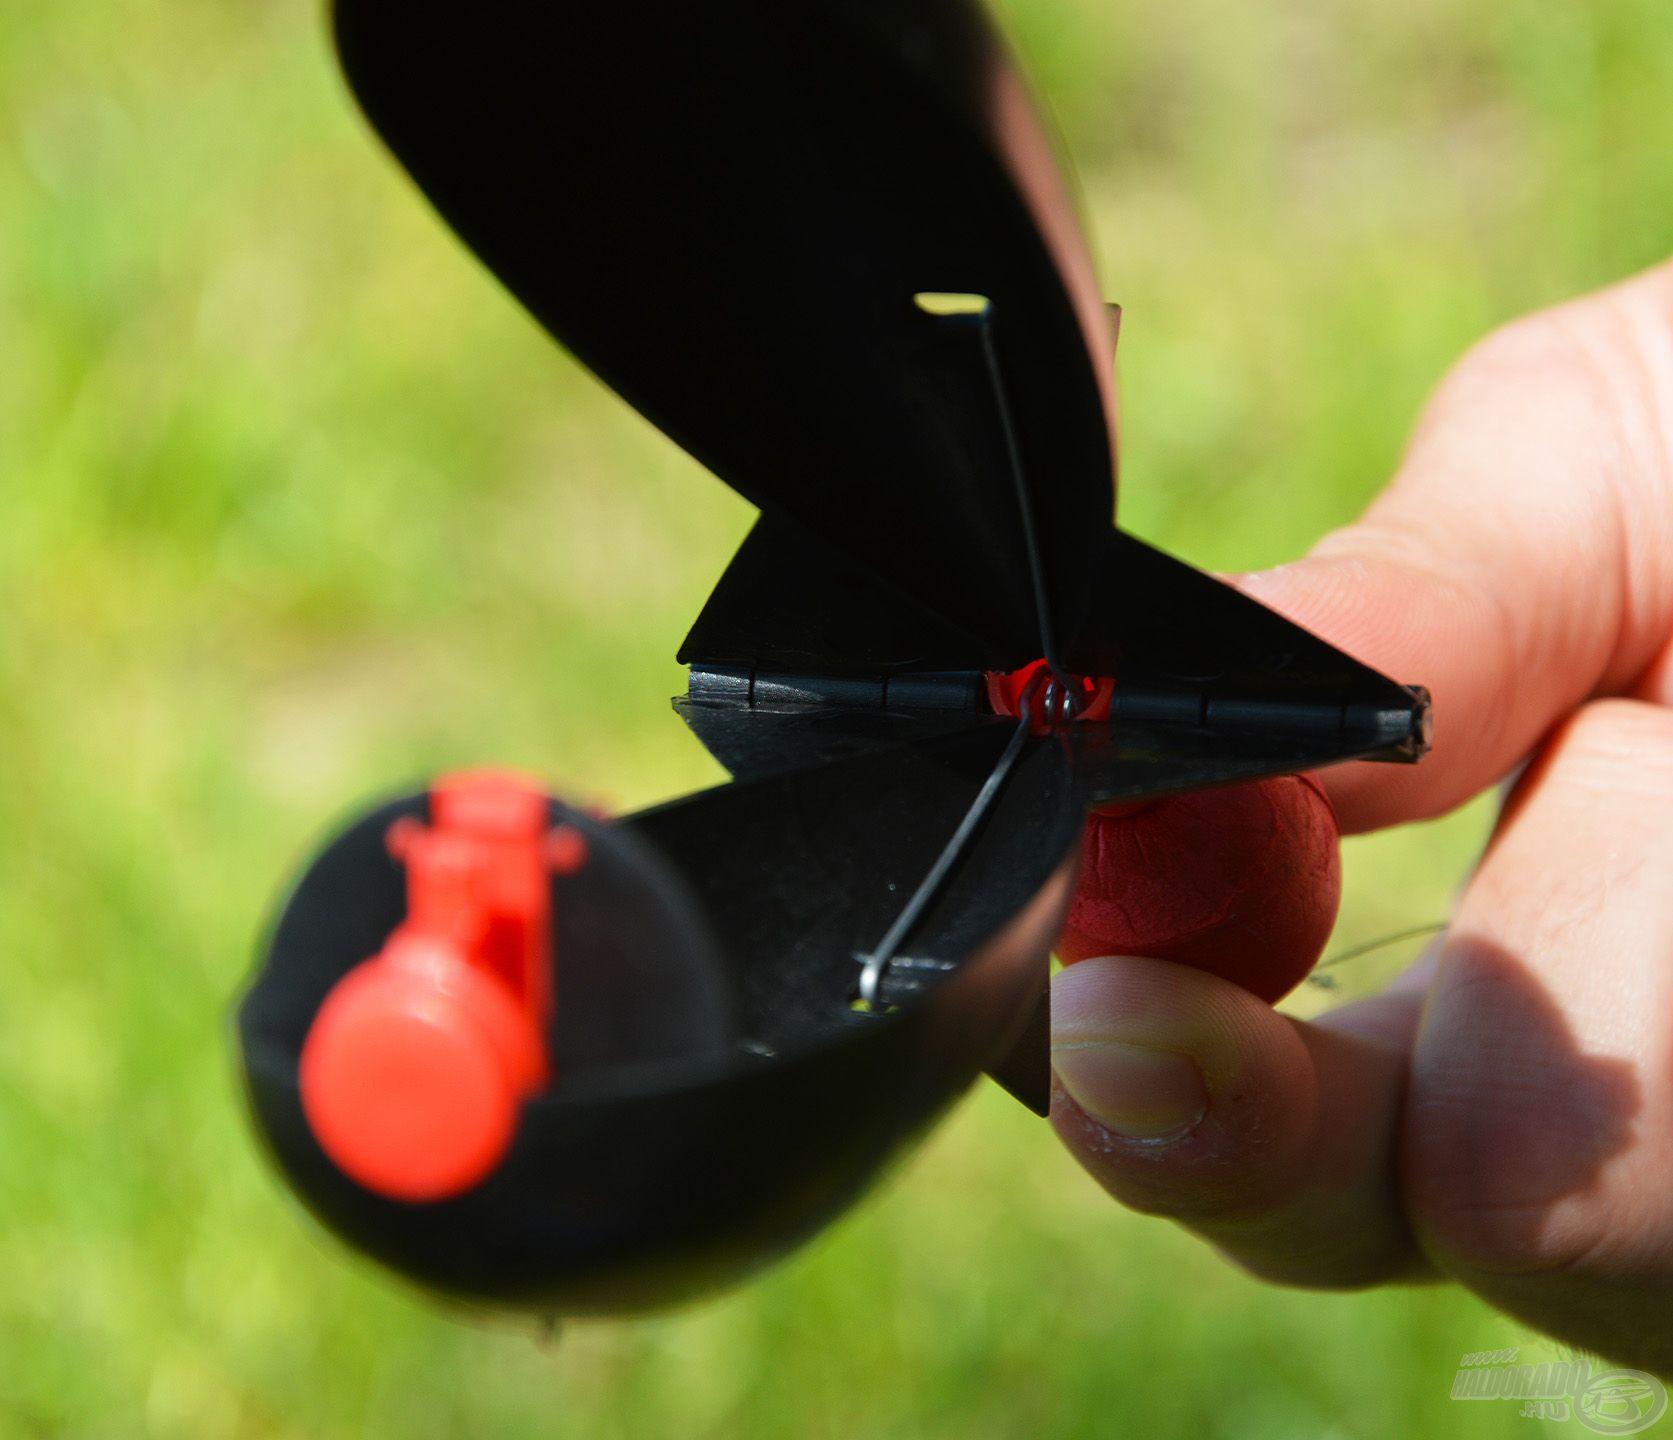 Míg az előbbi a nyitásért, kioldásért felel, a nagyobb méretű hátsó rugó feladata, hogy szétfeszítse és nyitva tartsa a test két felét